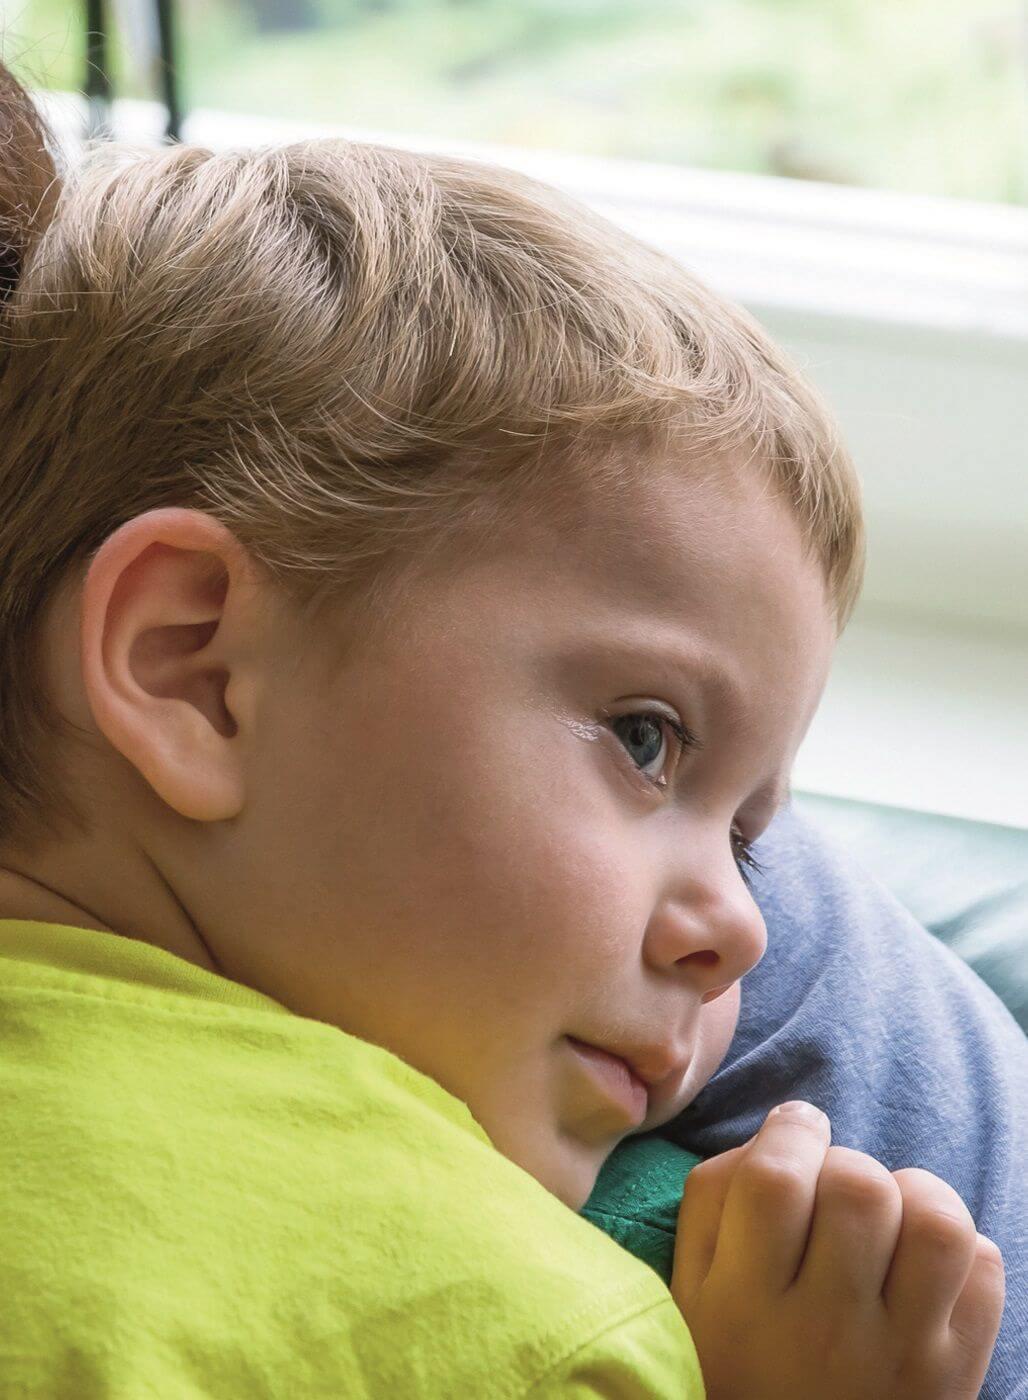 Trauriger Junge auf dem Arm seiner Mutter.